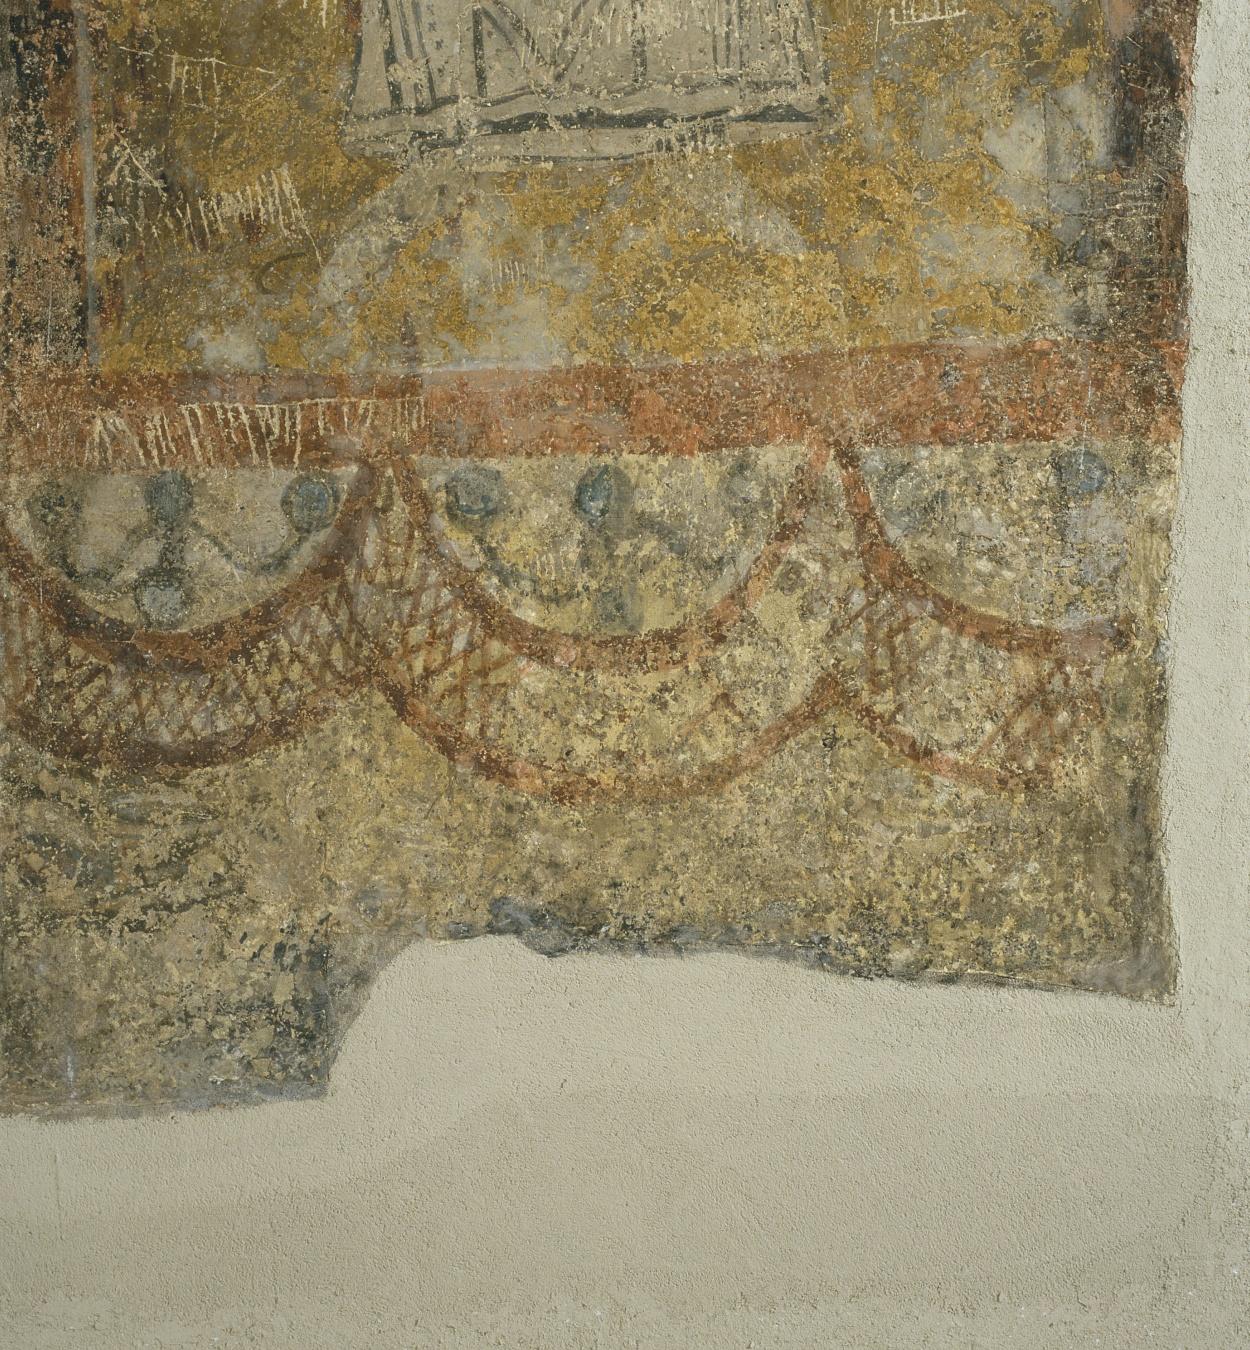 Tercer Mestre de Sorpe - Sant Feliu i el símbol zodiacal de Gèminis de Sorpe - Mitjan segle XII [1]